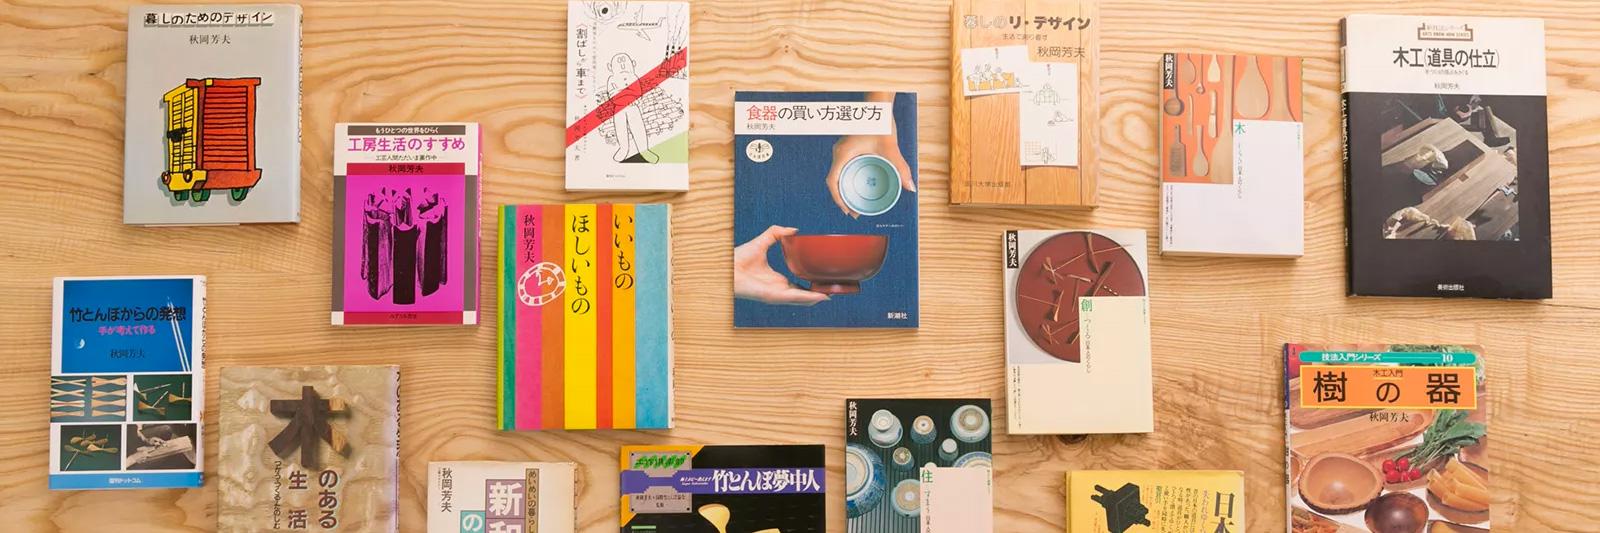 秋岡芳夫の本